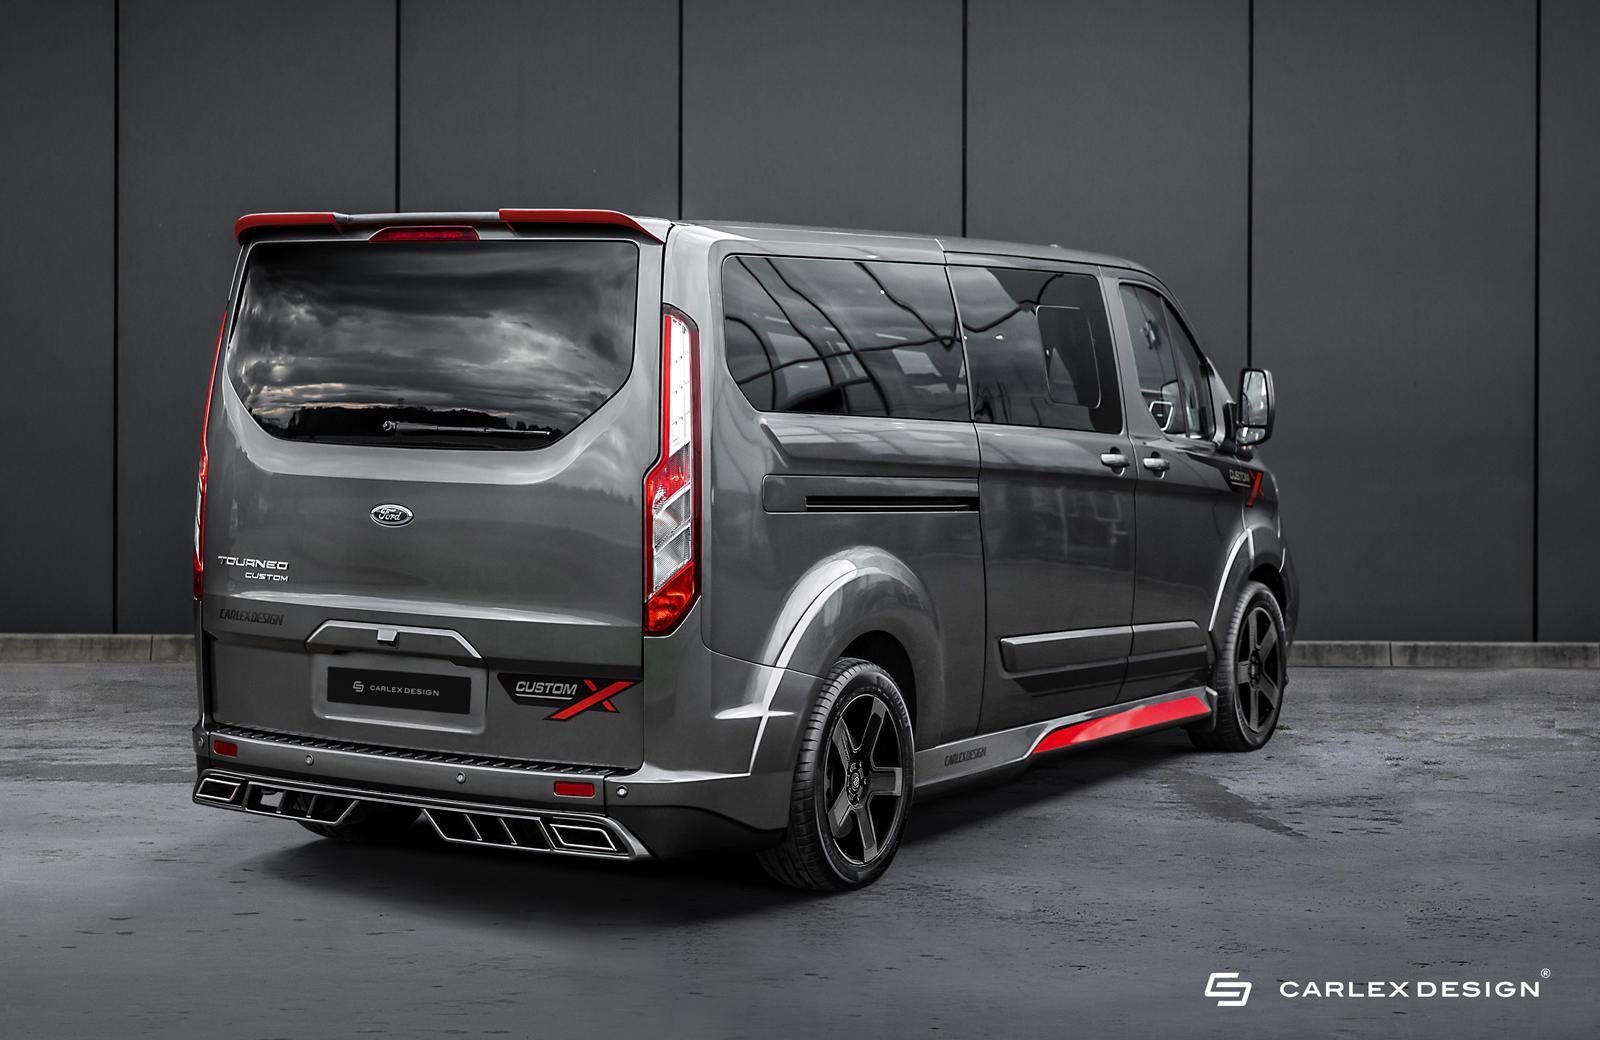 Ford Transit Connect bất ngờ hóa xe sang nhờ bản độ của Carlex Design - 3